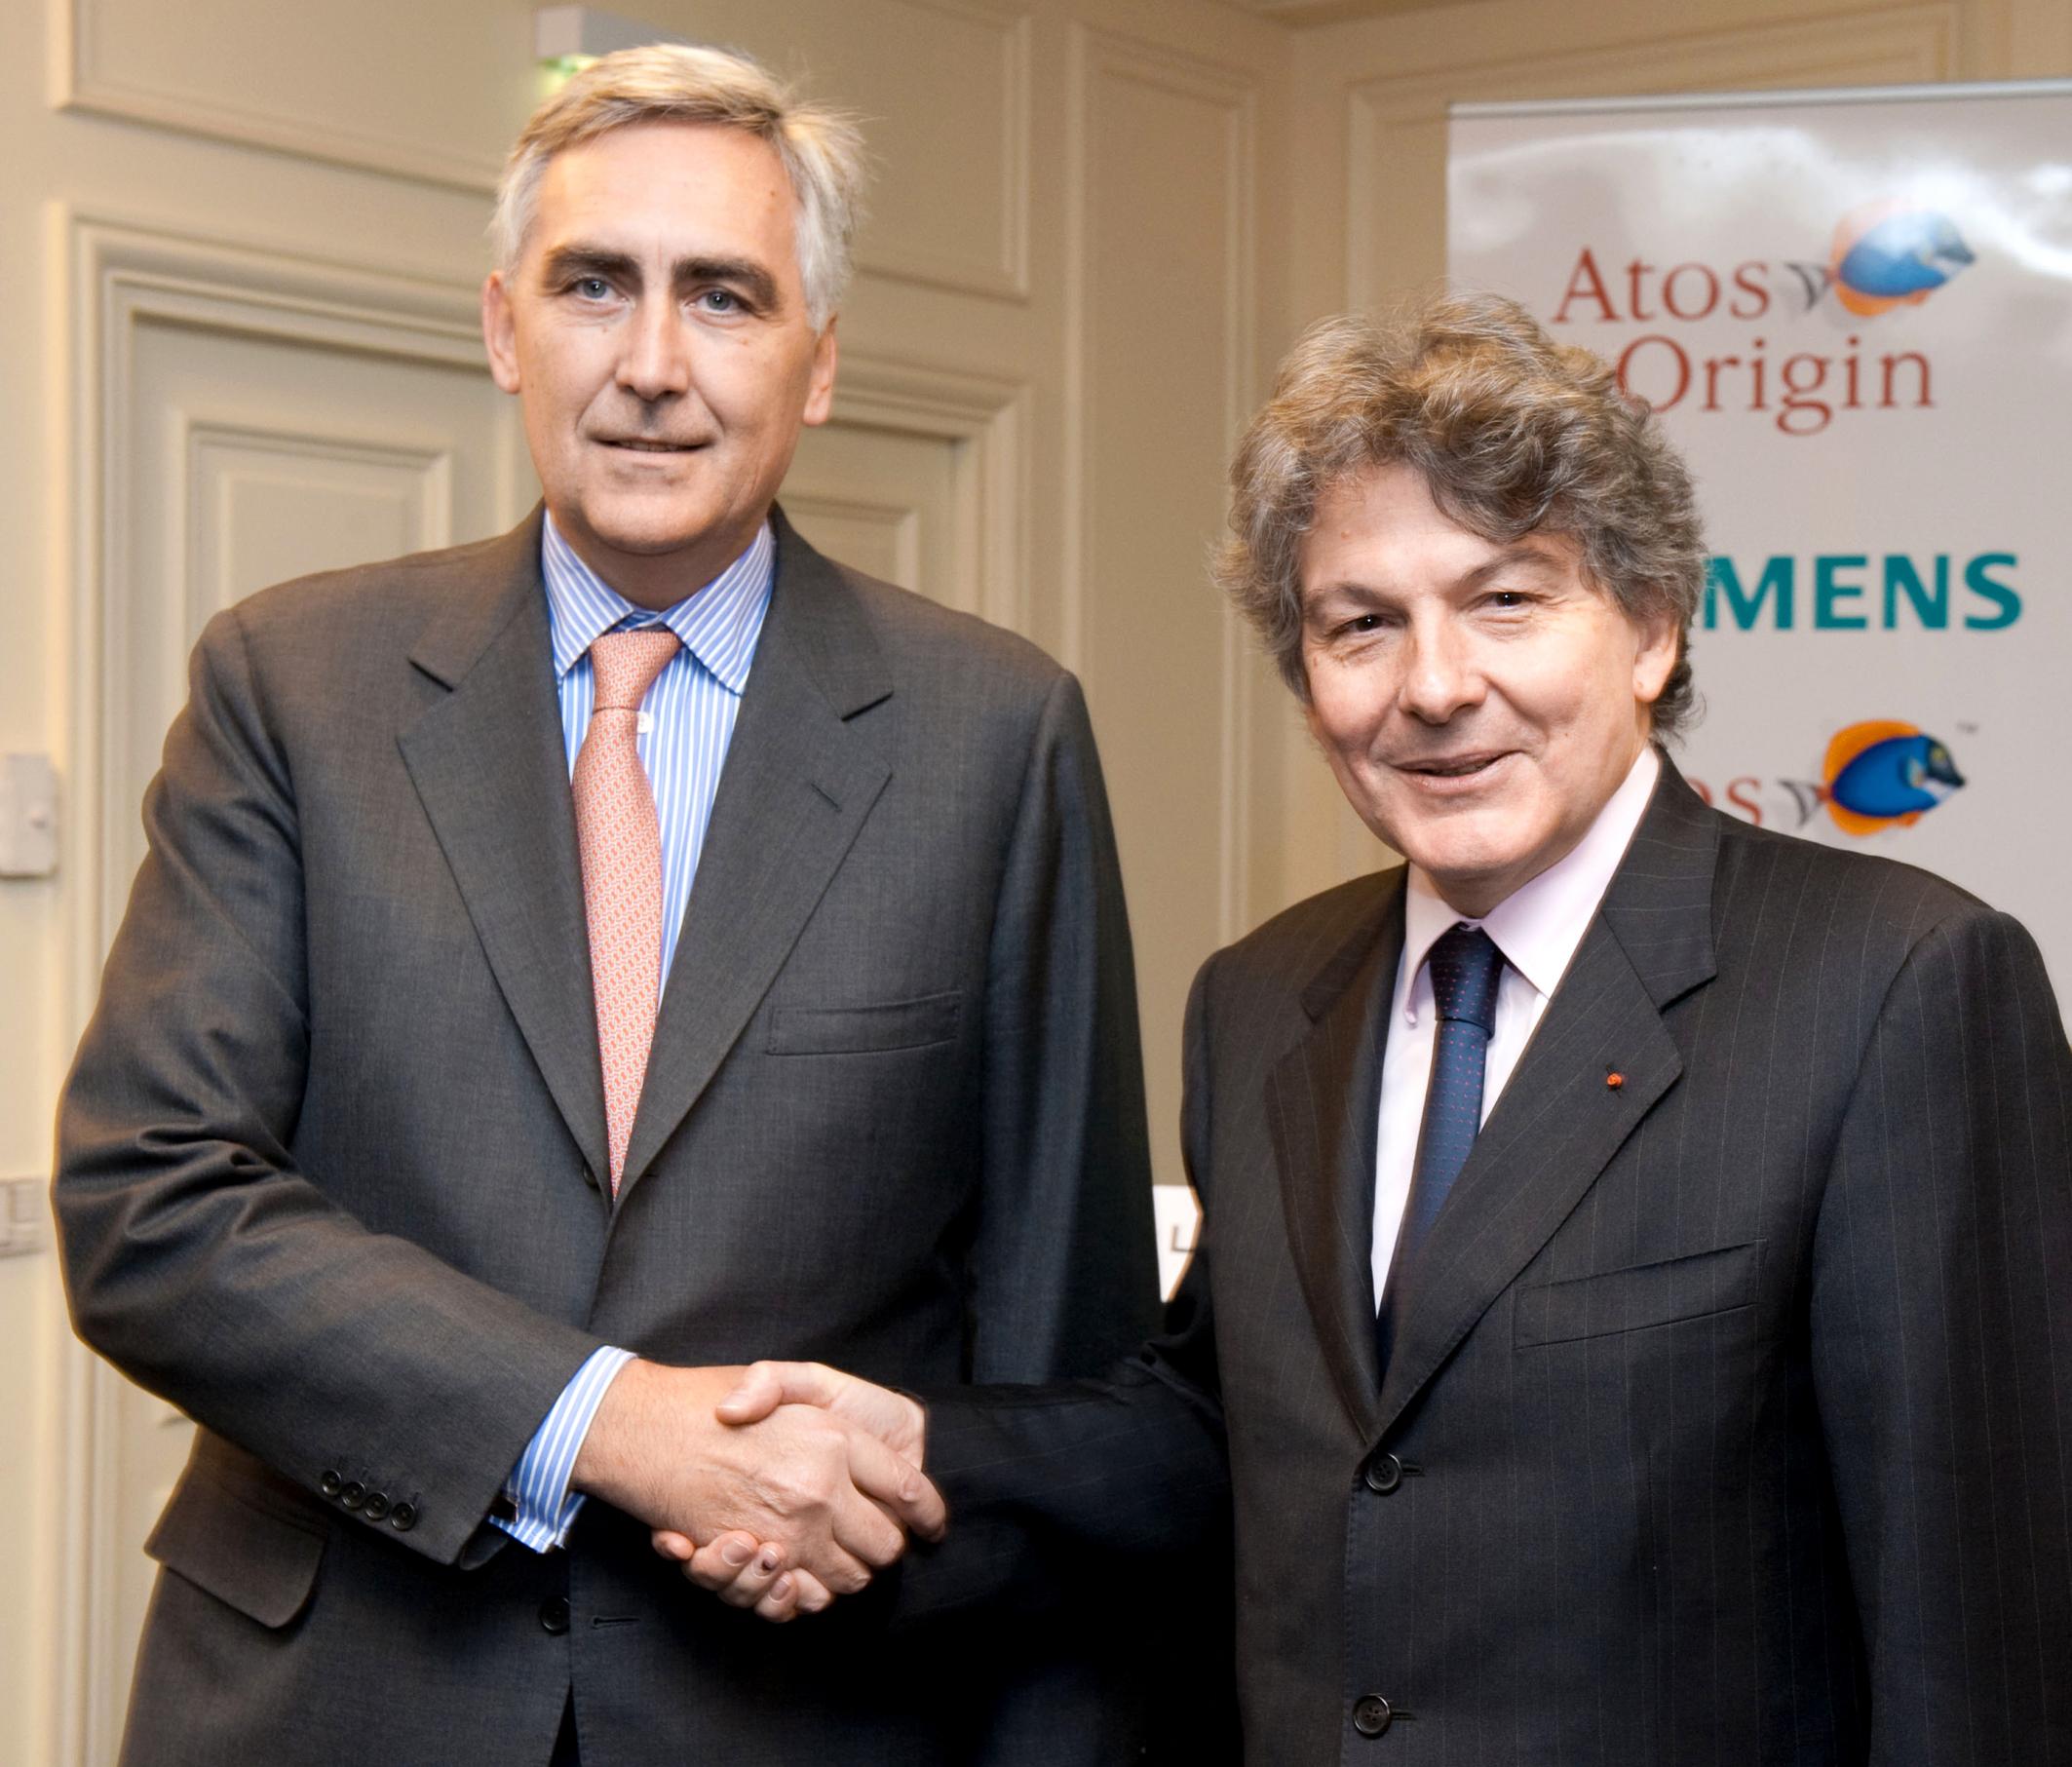 Siemens will expand financing opportunities for its customers with its own bank /  Atos Origin und Siemens gründen führenden europäischen IT-Service-Dienstleister